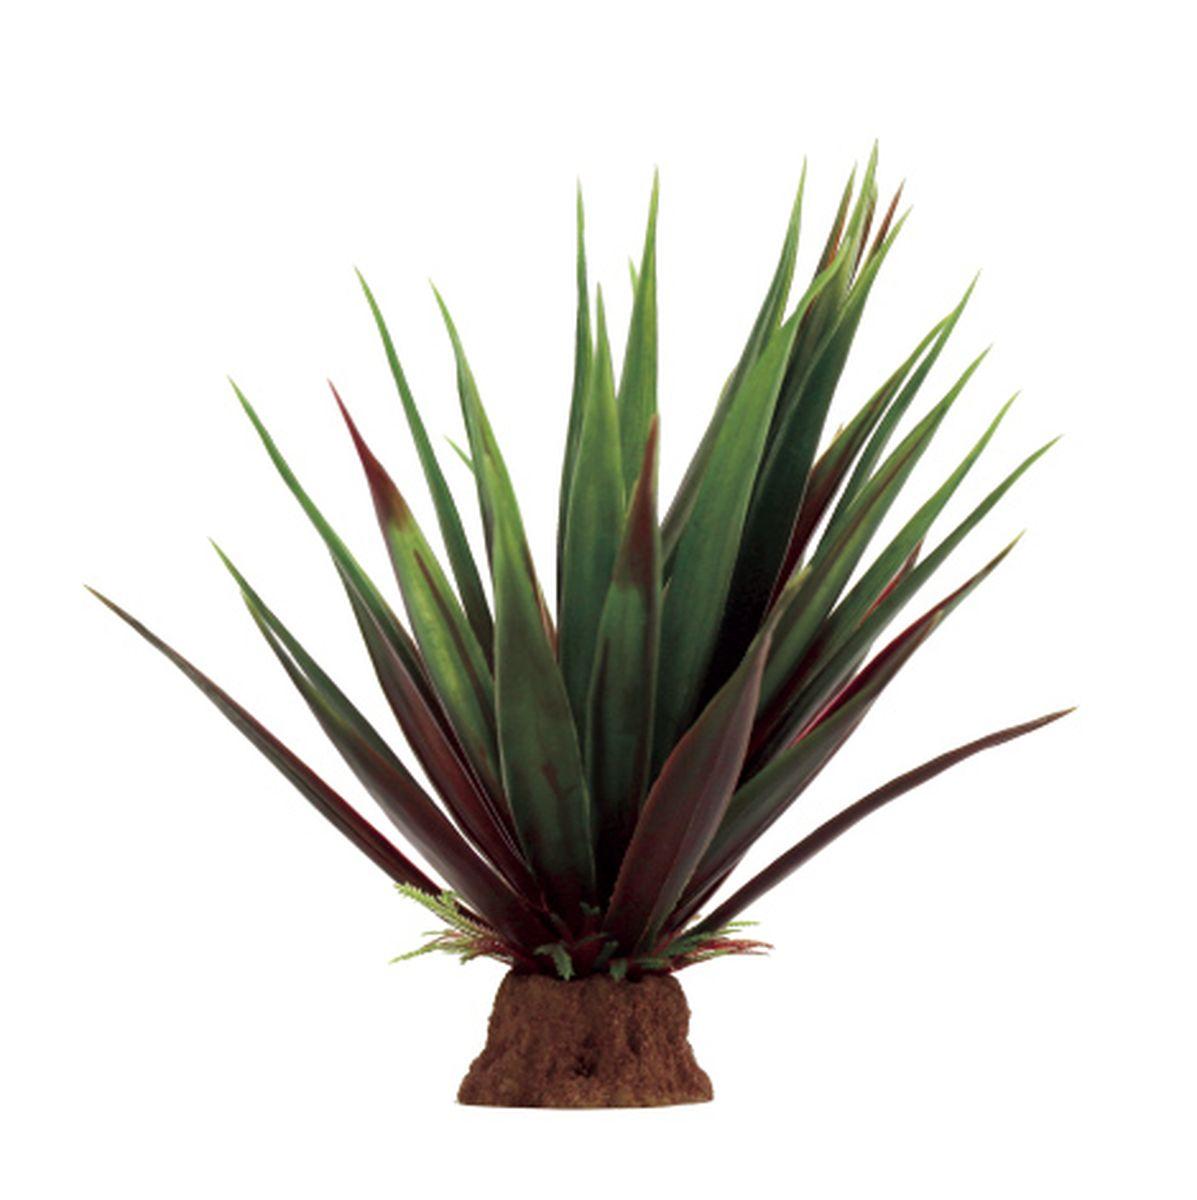 Растение для аквариума ArtUniq Агава красно-зеленая, 13 x 13 x 16 см0120710Растение для аквариума ArtUniq Агава красно-зеленая, 13 x 13 x 16 см